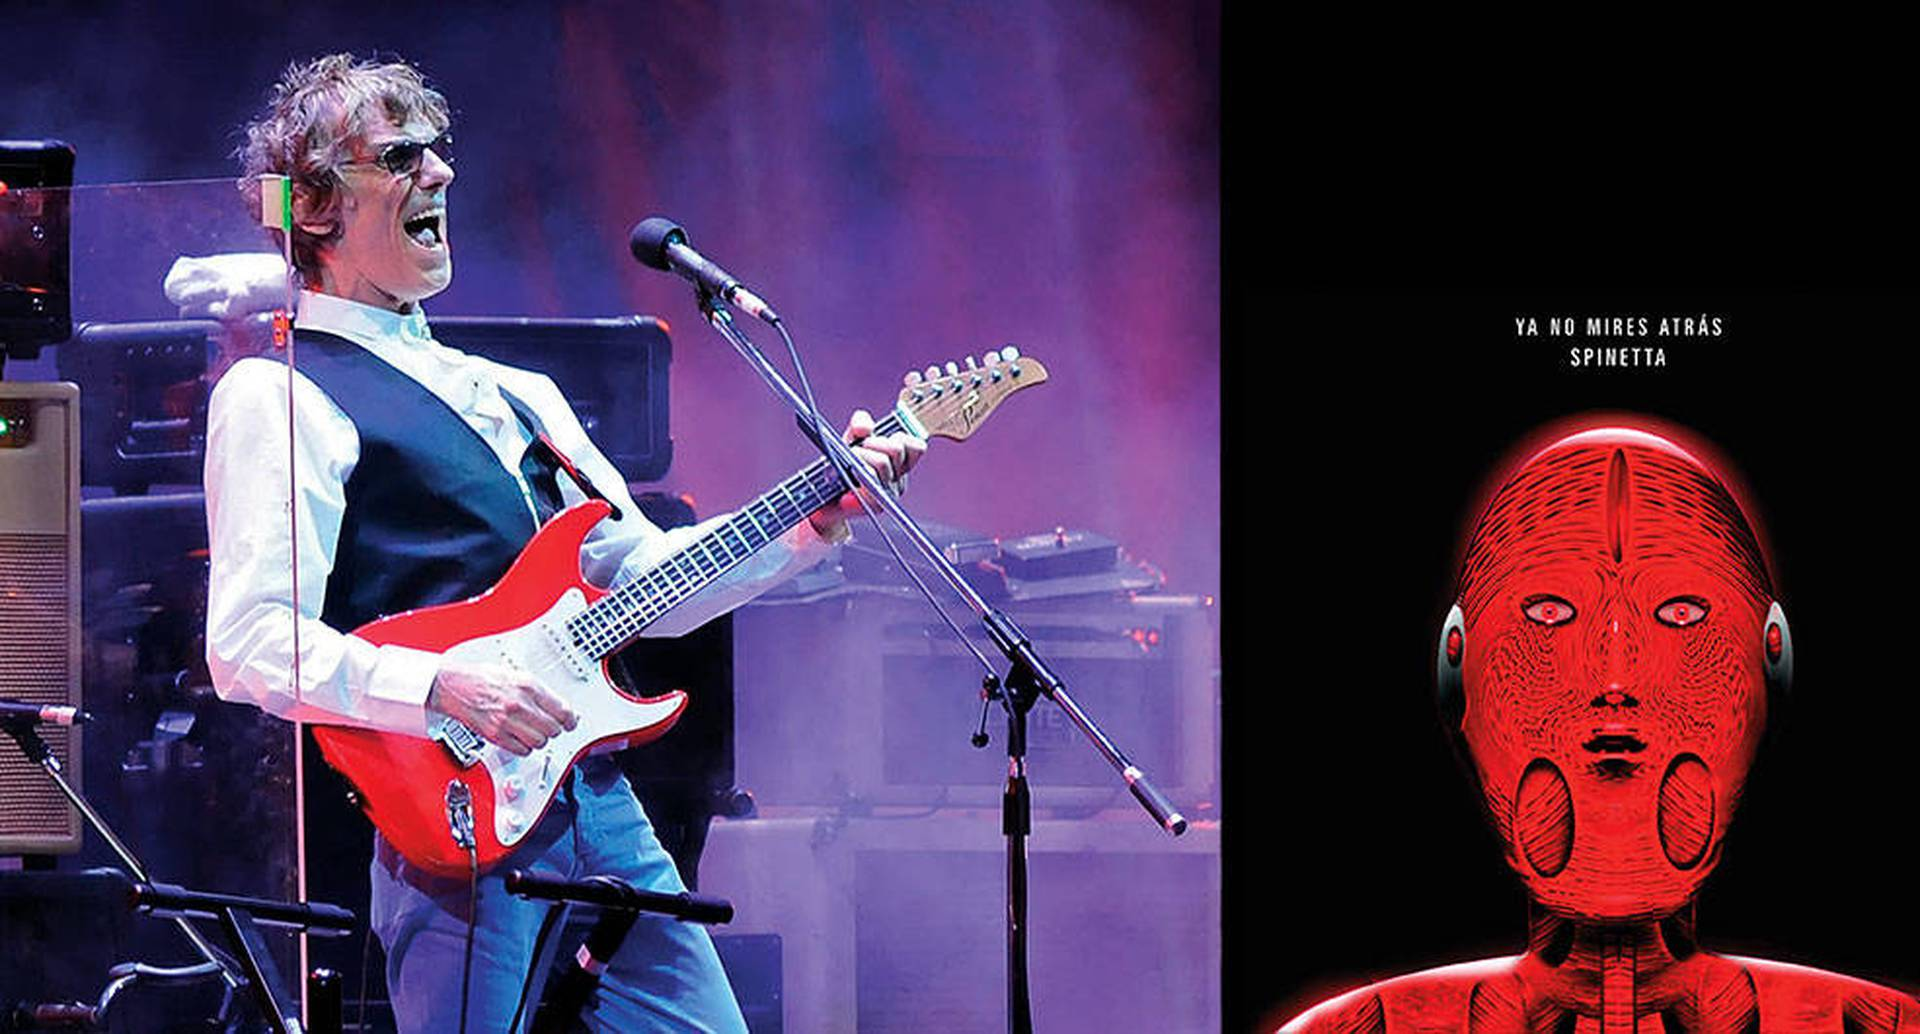 En el año en que hubiera cumplido 70, la exploración constante de Luis Alberto Spinetta se manifiesta, una vez más, en su trabajo póstumo Ya no mires atrás. Consta de siete canciones en las que su guitarra está más bien ausente. Nadie sabrá si así las quería Spinetta.